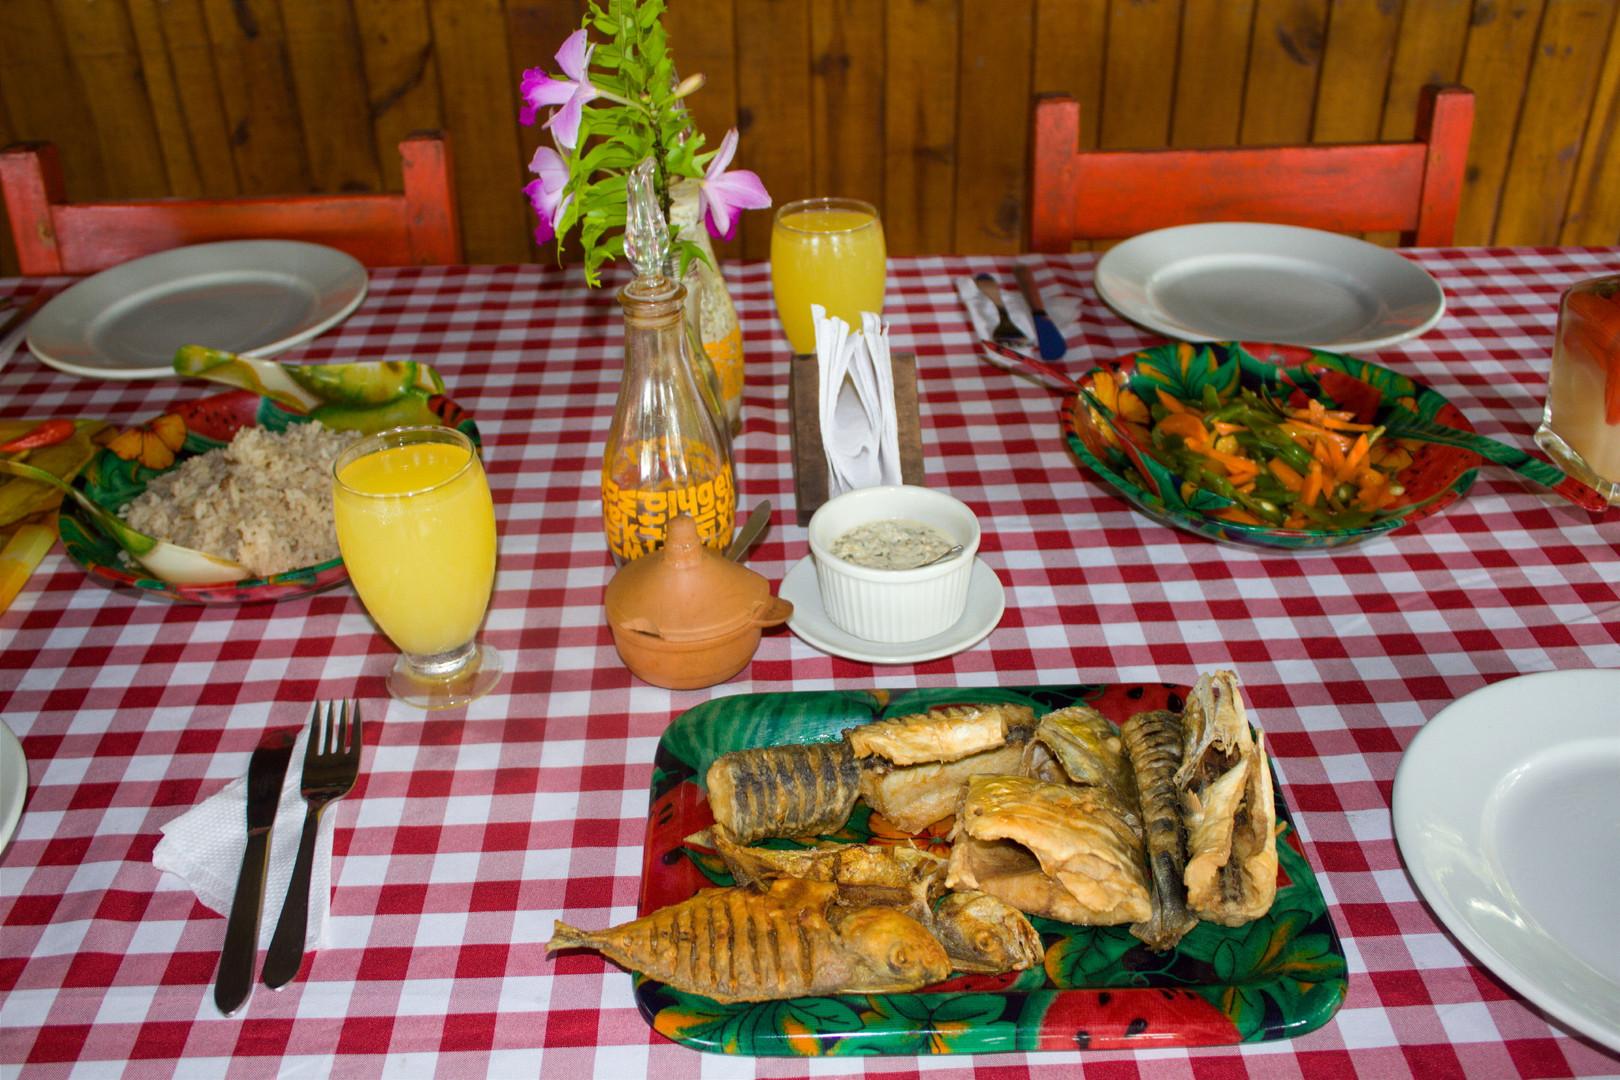 Pescado frito, arroz con coco y vegetale sPijibalodge